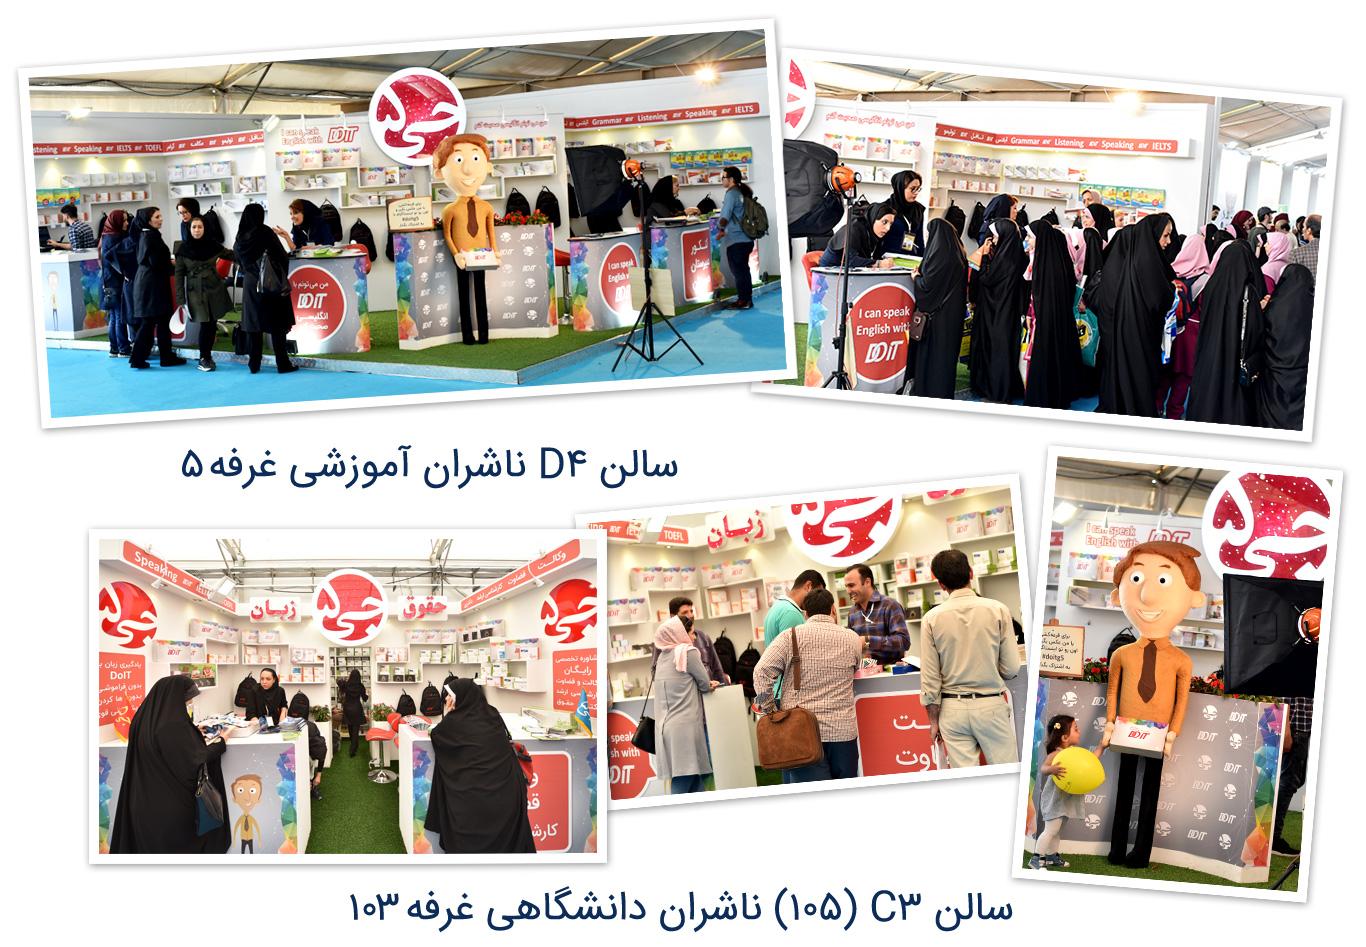 نمایشگاه کتاب تهران 96 - شهر آفتاب